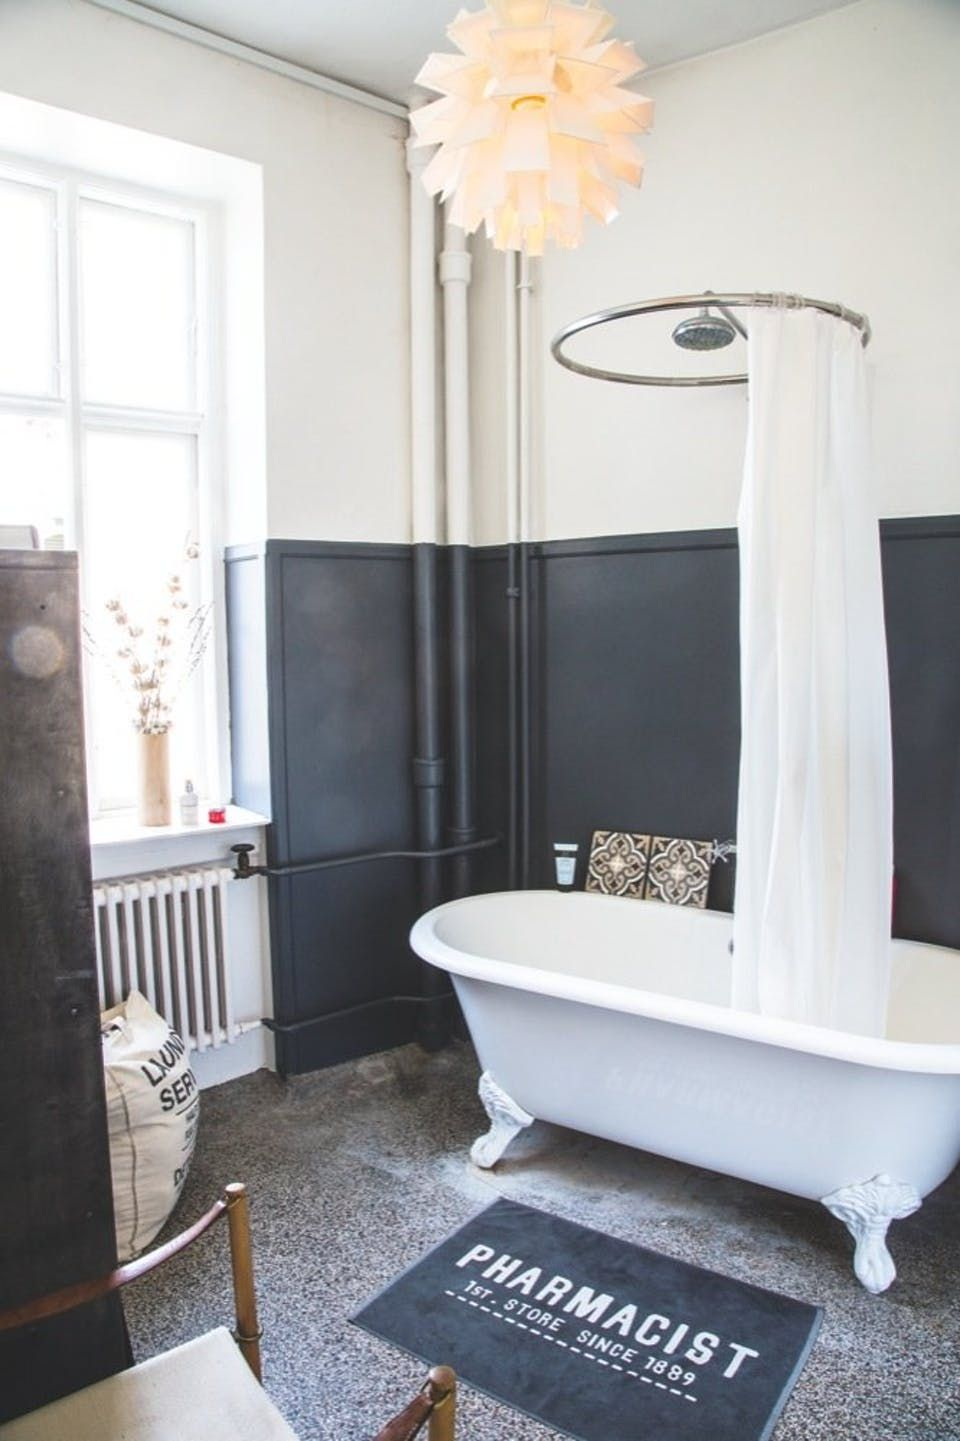 Herskabslejligheden med unikke historier | Bathtubs and Room